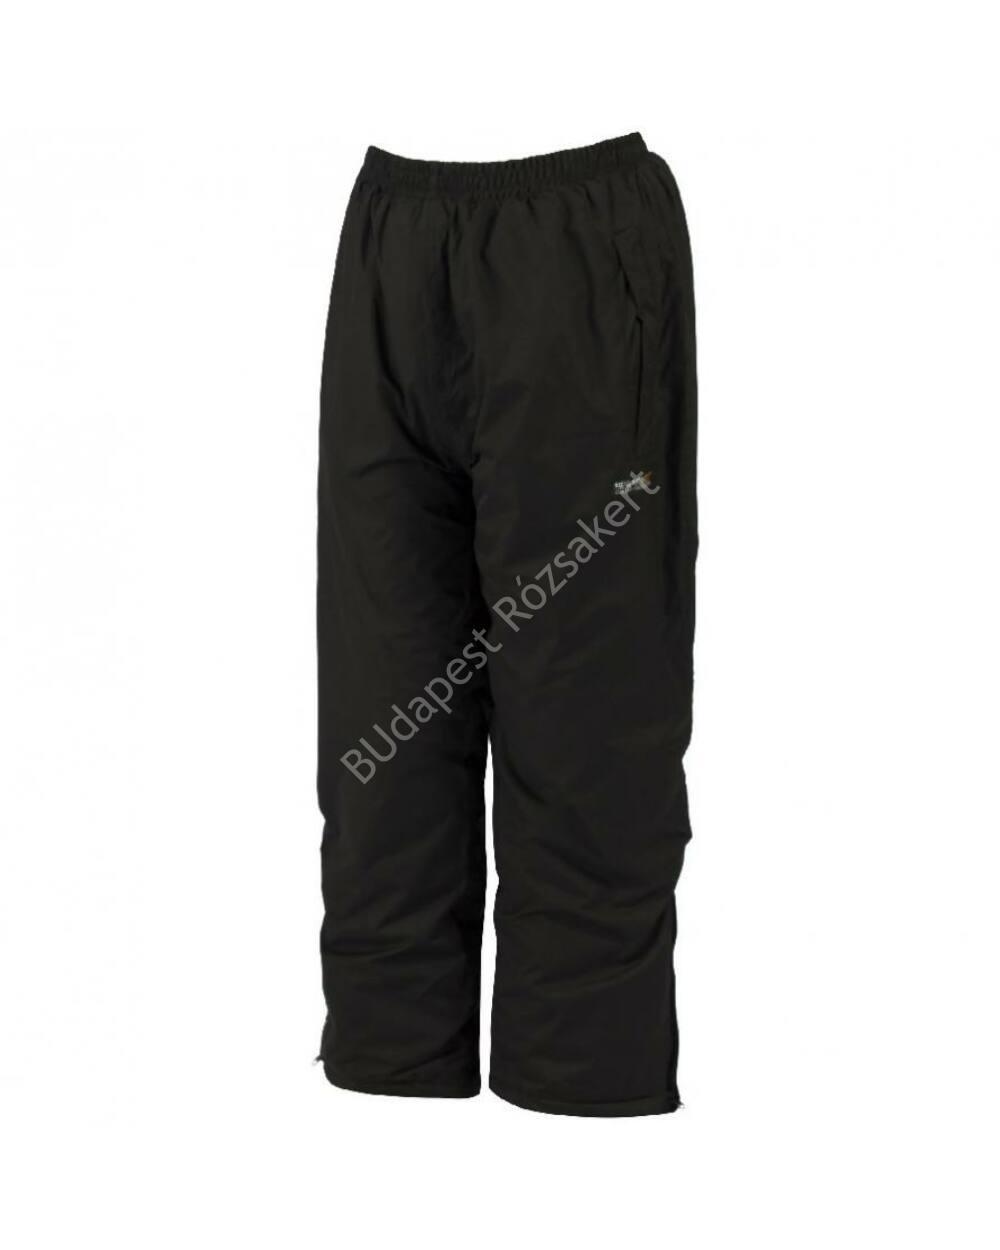 Regatta Kids Pad Chandler gyerek bélelt és vízálló nadrág, fekete